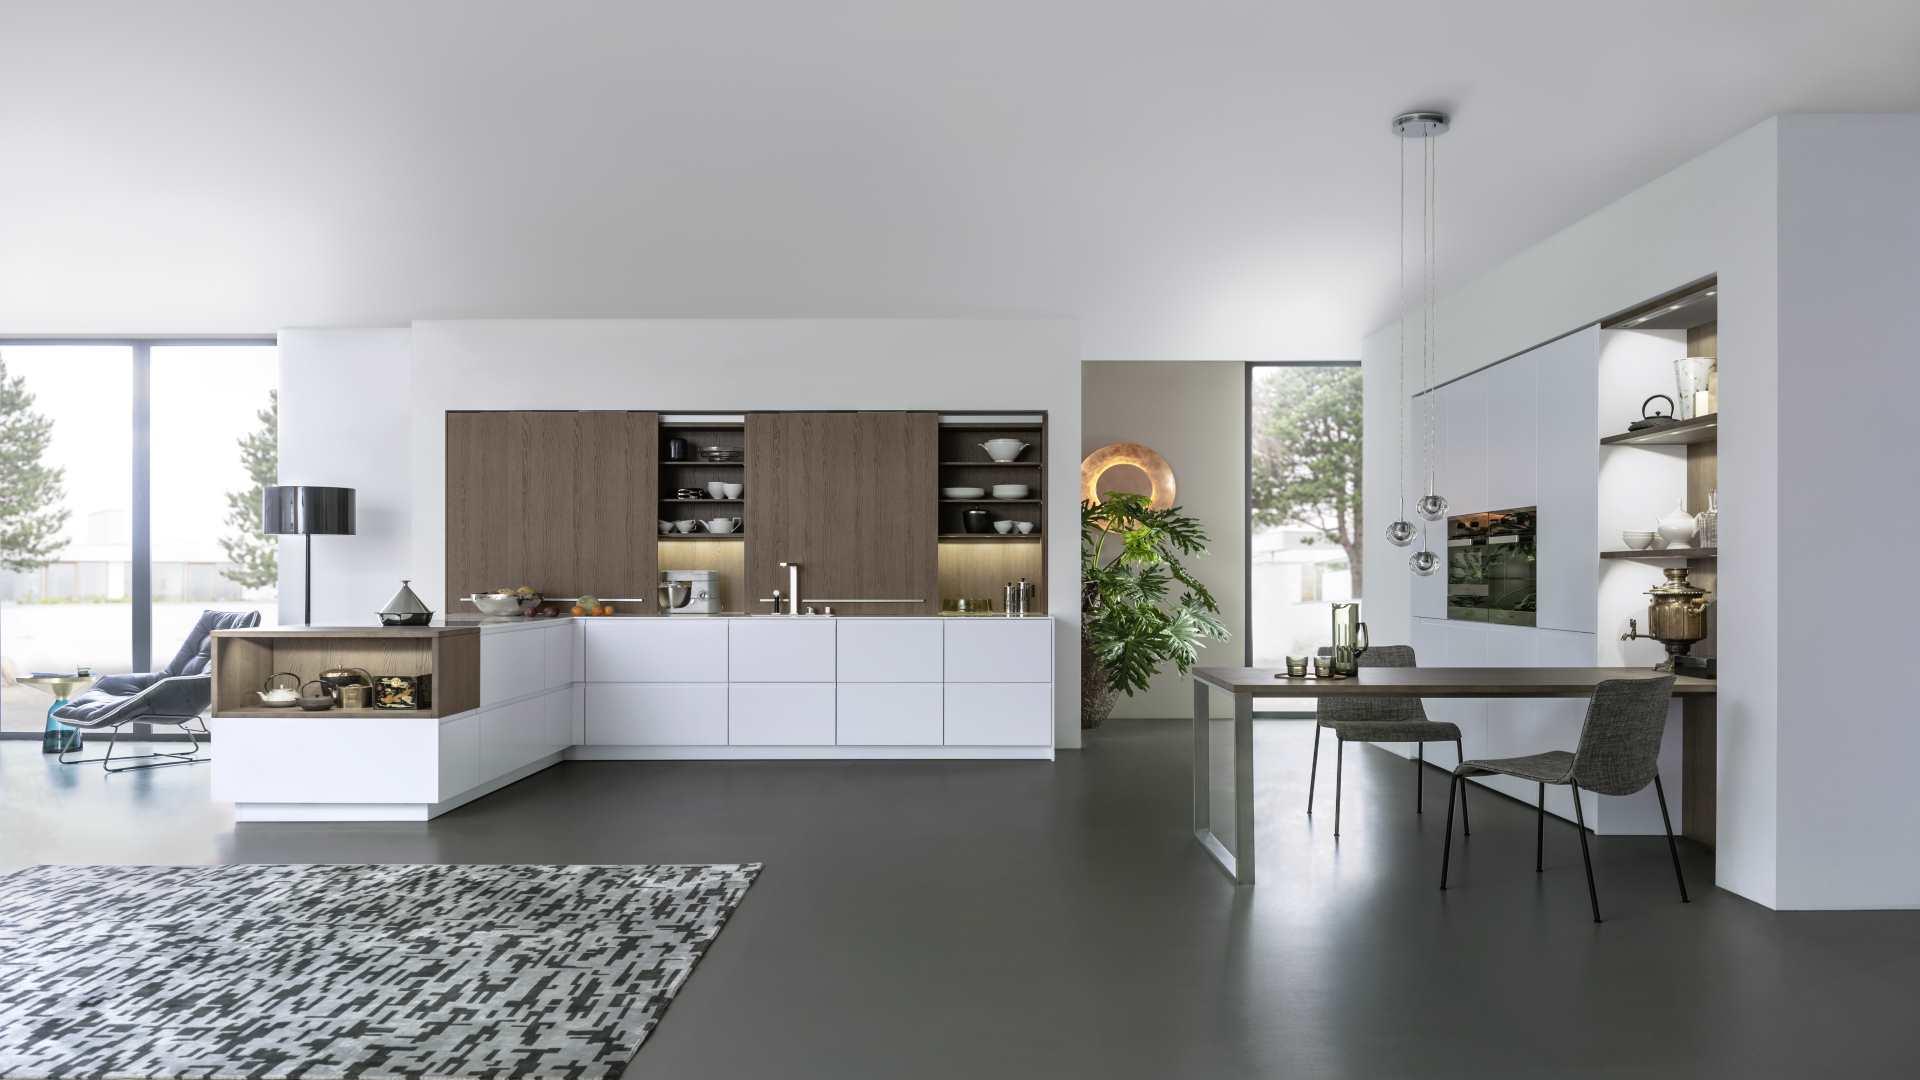 Kloeckner Küchenstudio Gelnhausen Qualität Maßgeschneidert Anpassungen Service 4